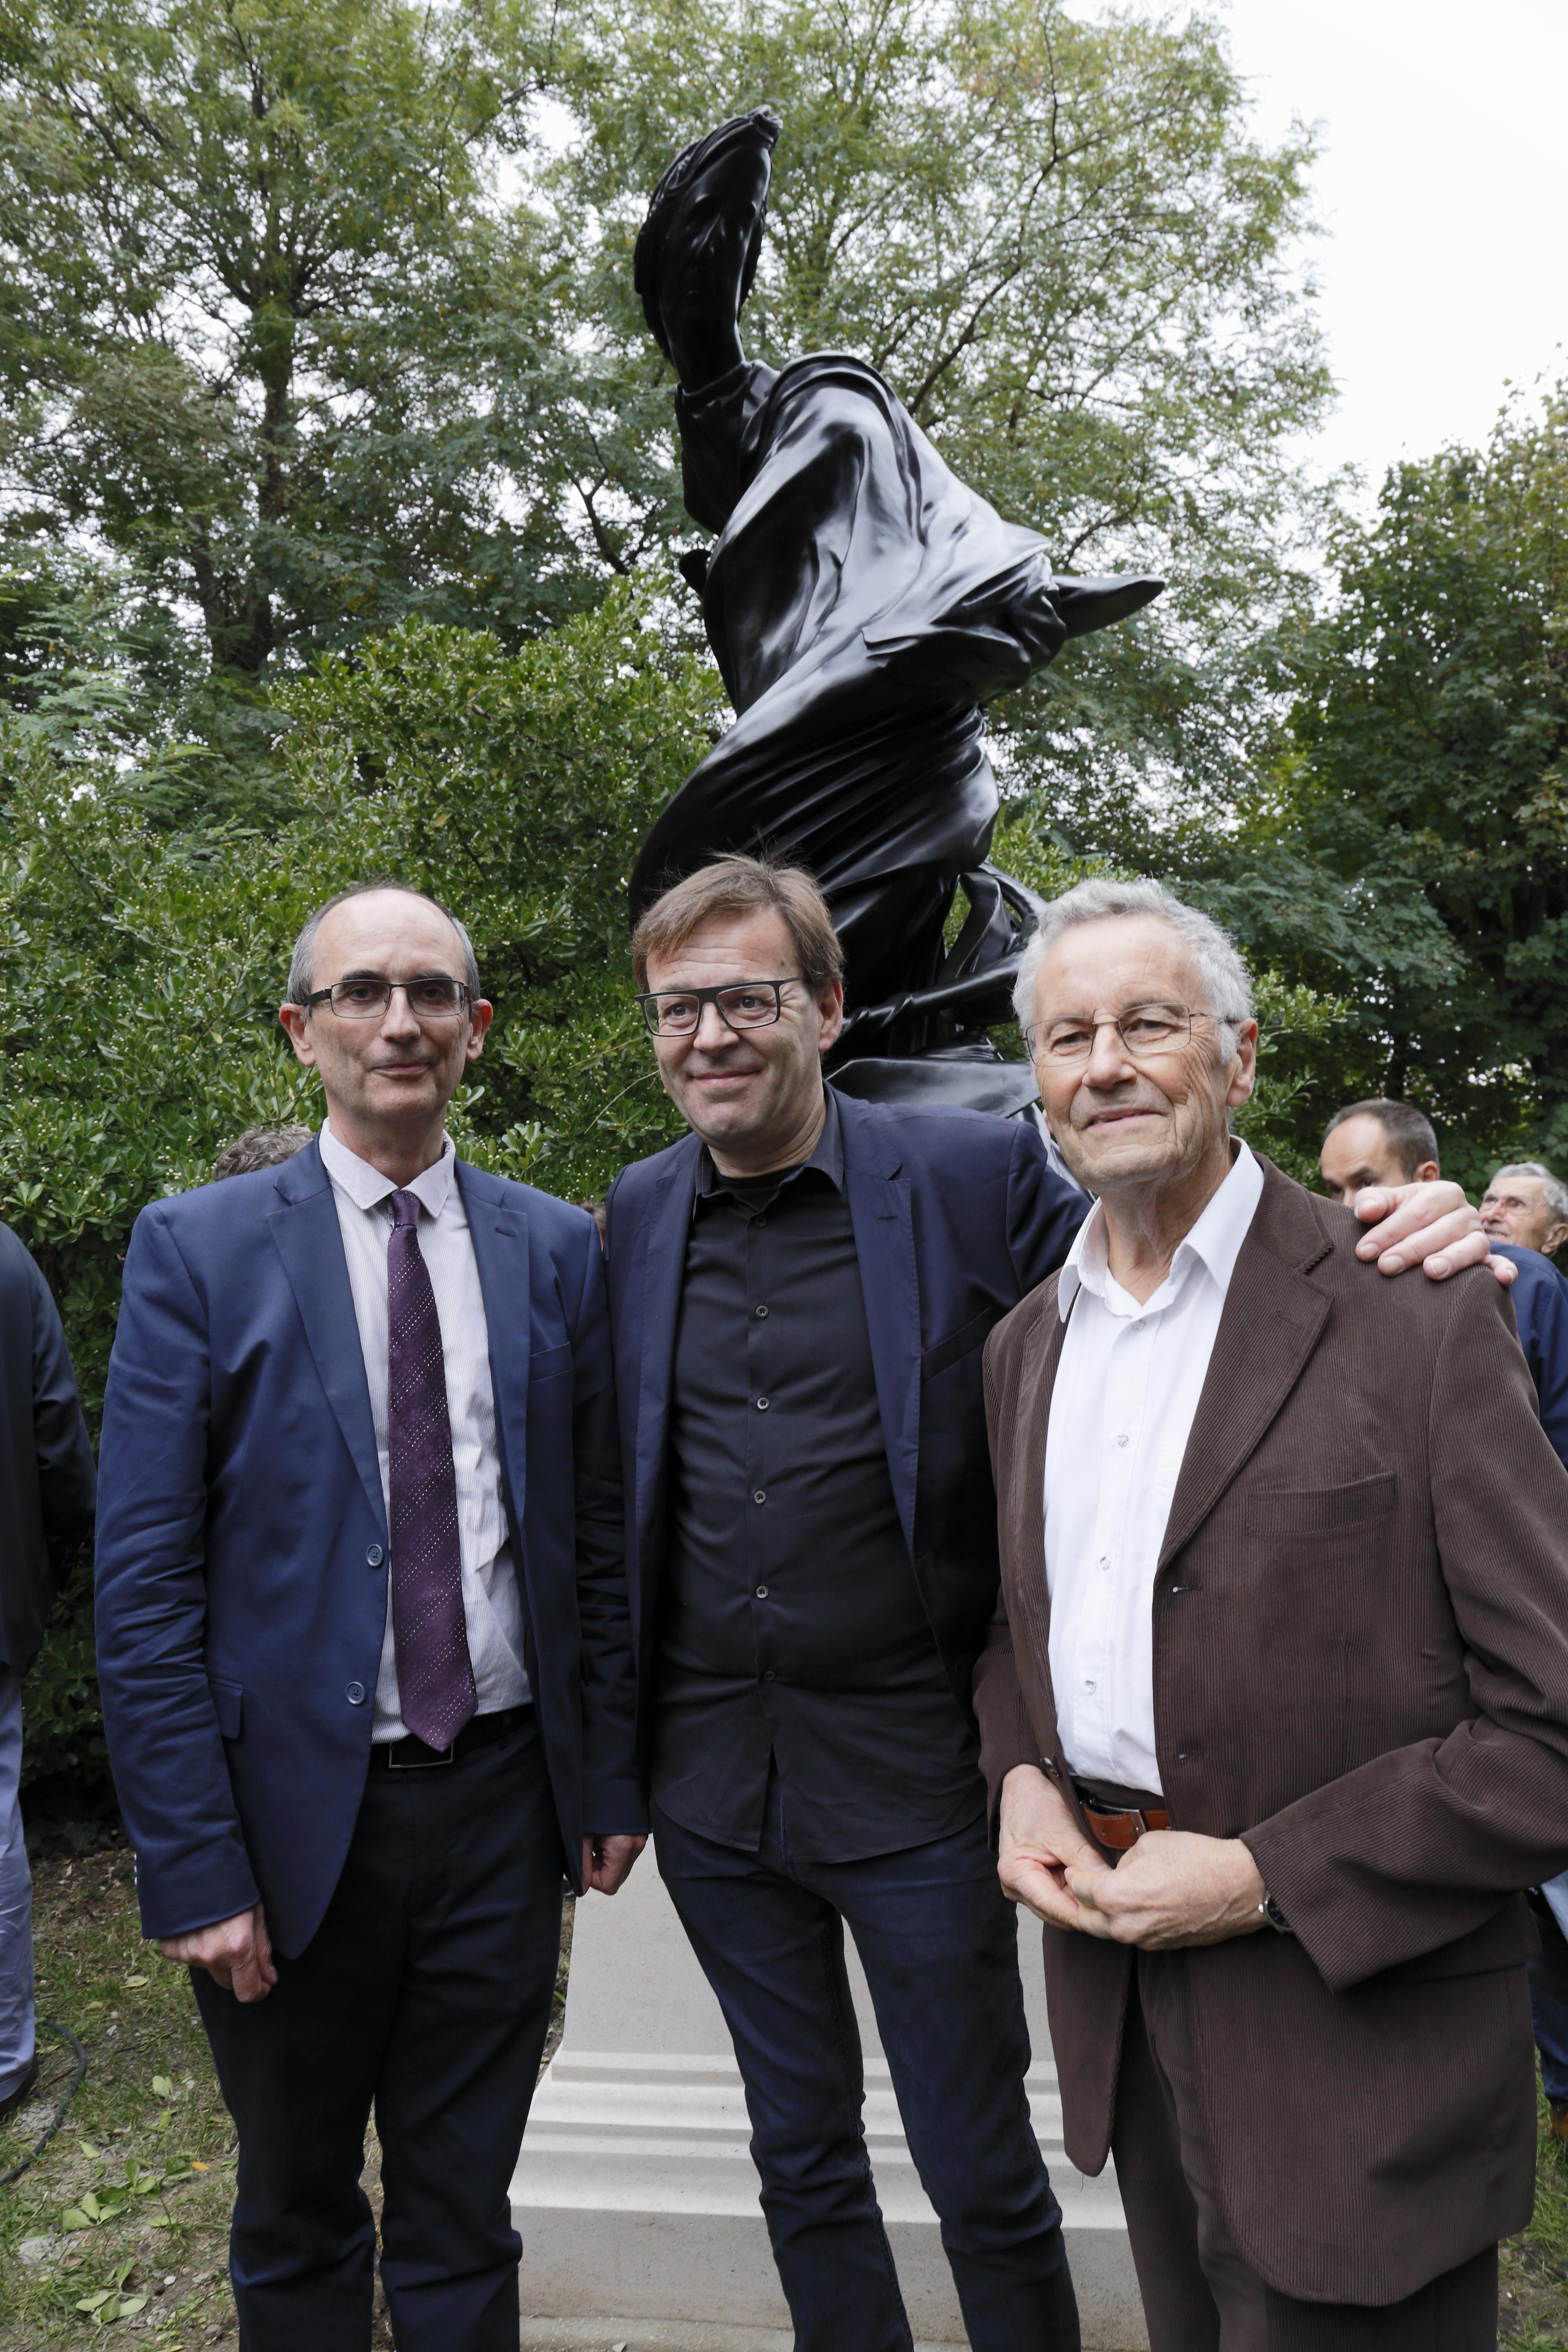 Claude Catala, Wim Delvoye et James Lequeux, astronome de l'Observatoire de Paris et grand spécialiste de François Arago. © Pascal Blonde, Observatoire de Paris